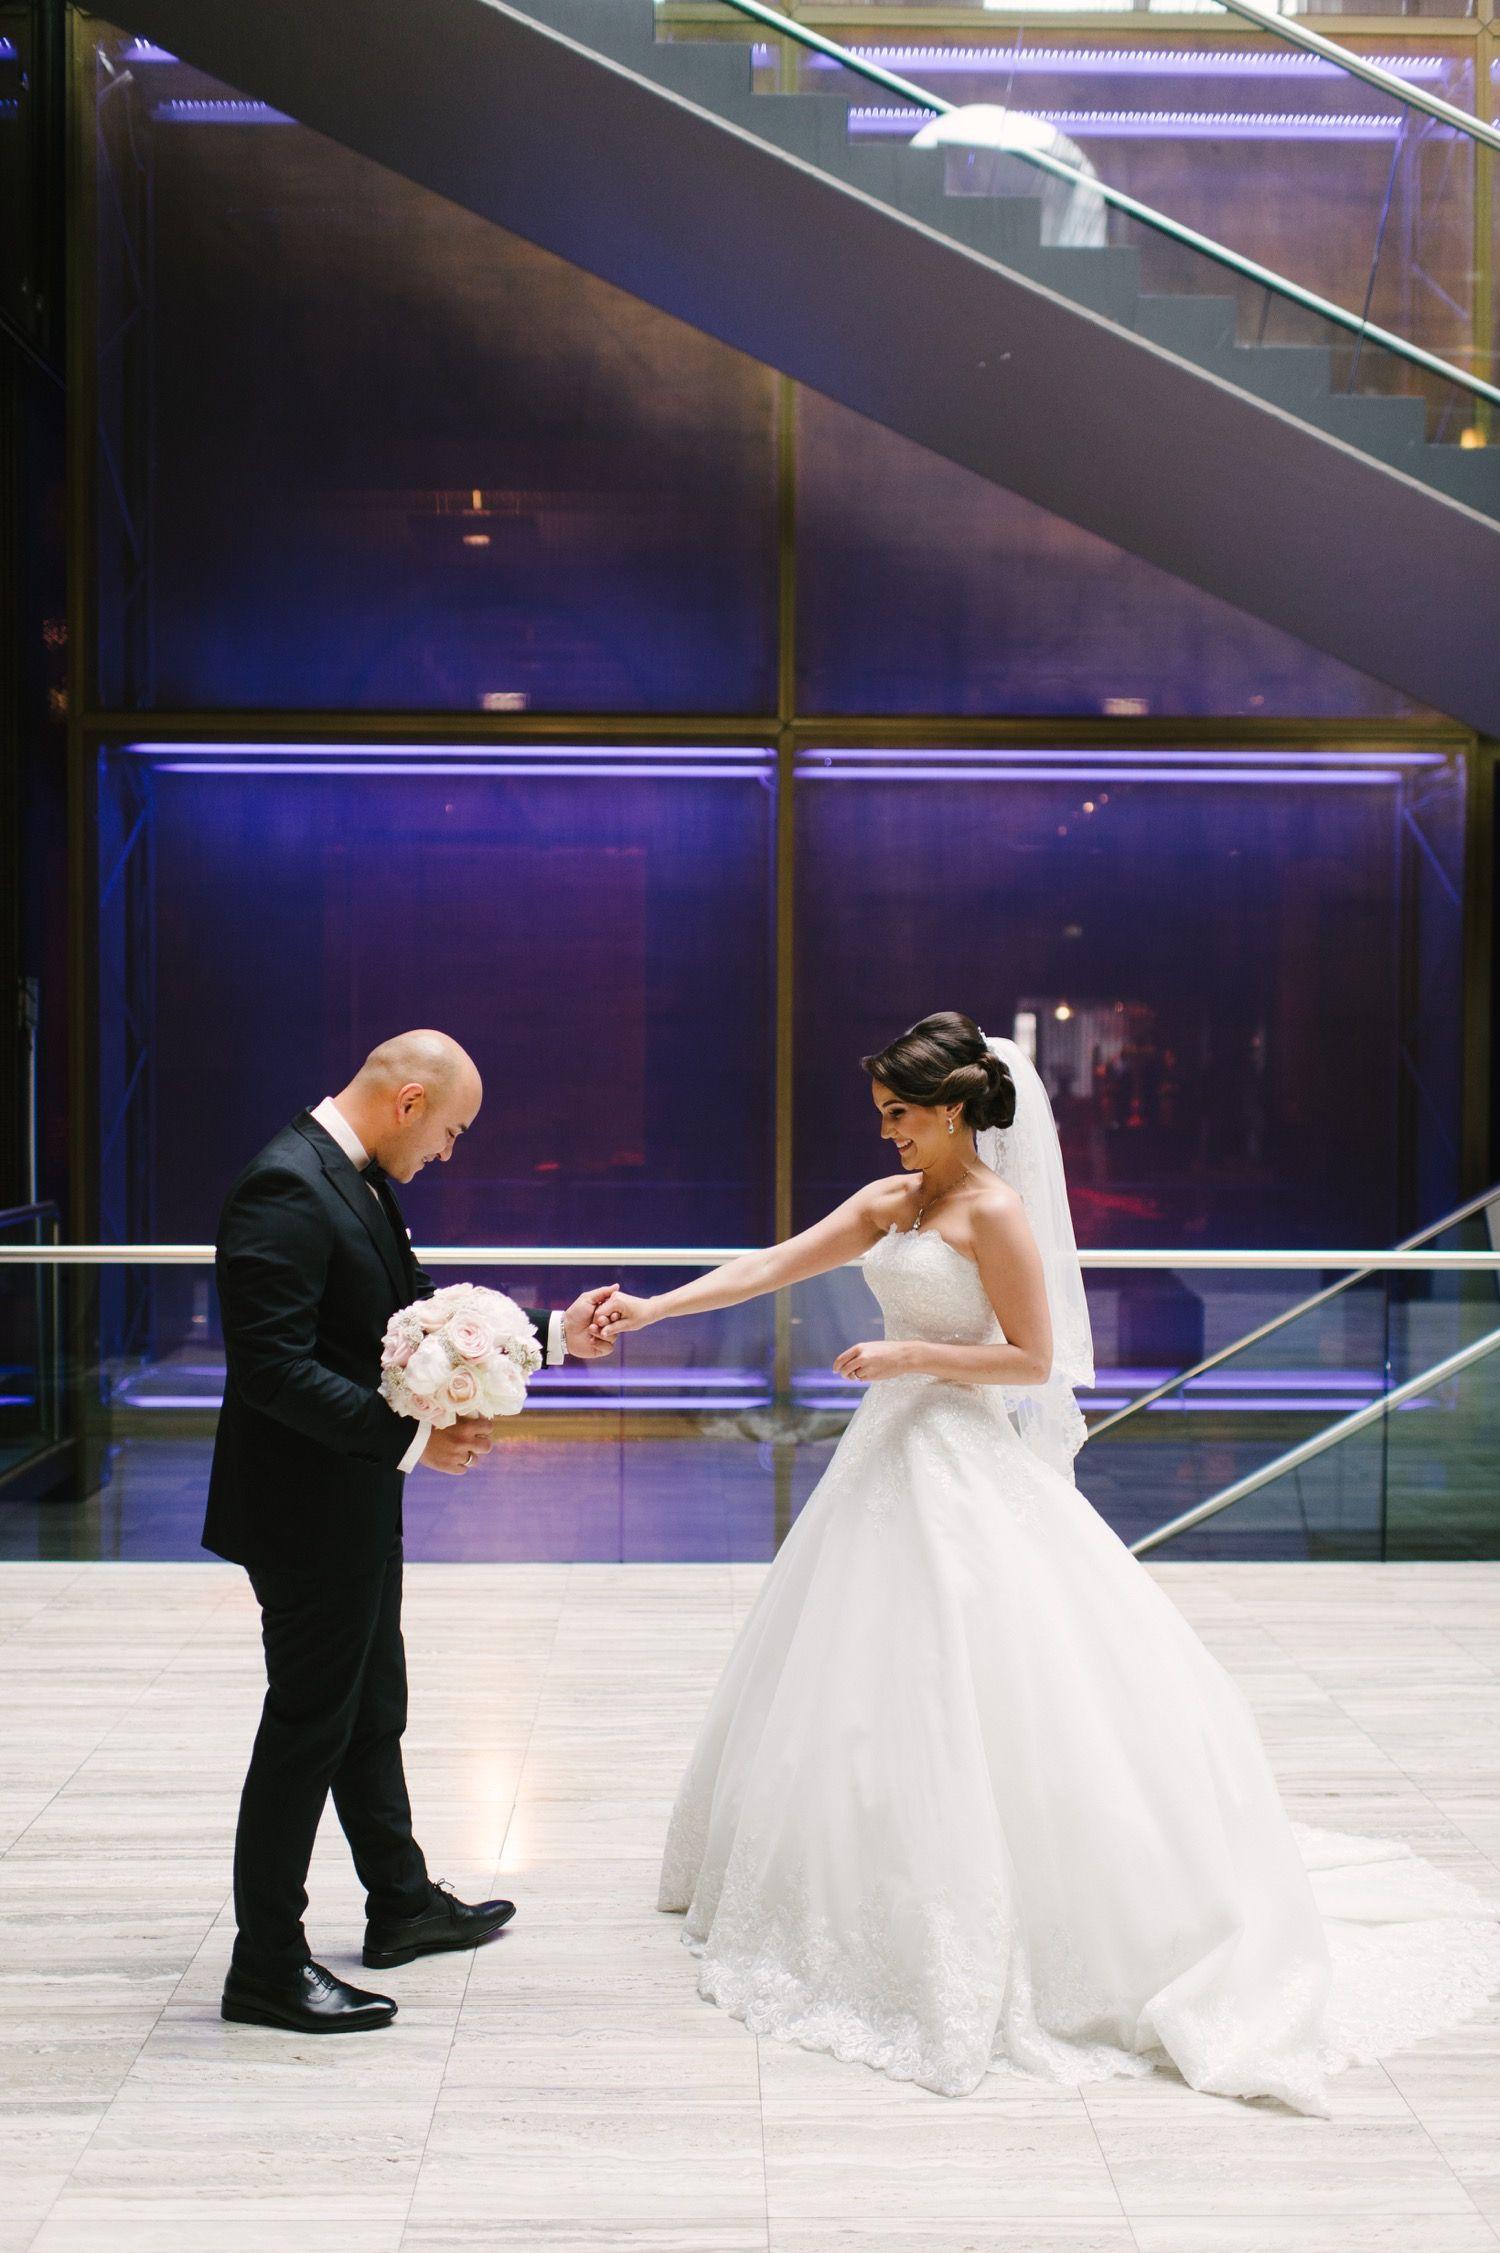 Hochzeit Imperial Ballsaal First Look Brautpaar Turkische Hochzeit Brautpaar Heiraten